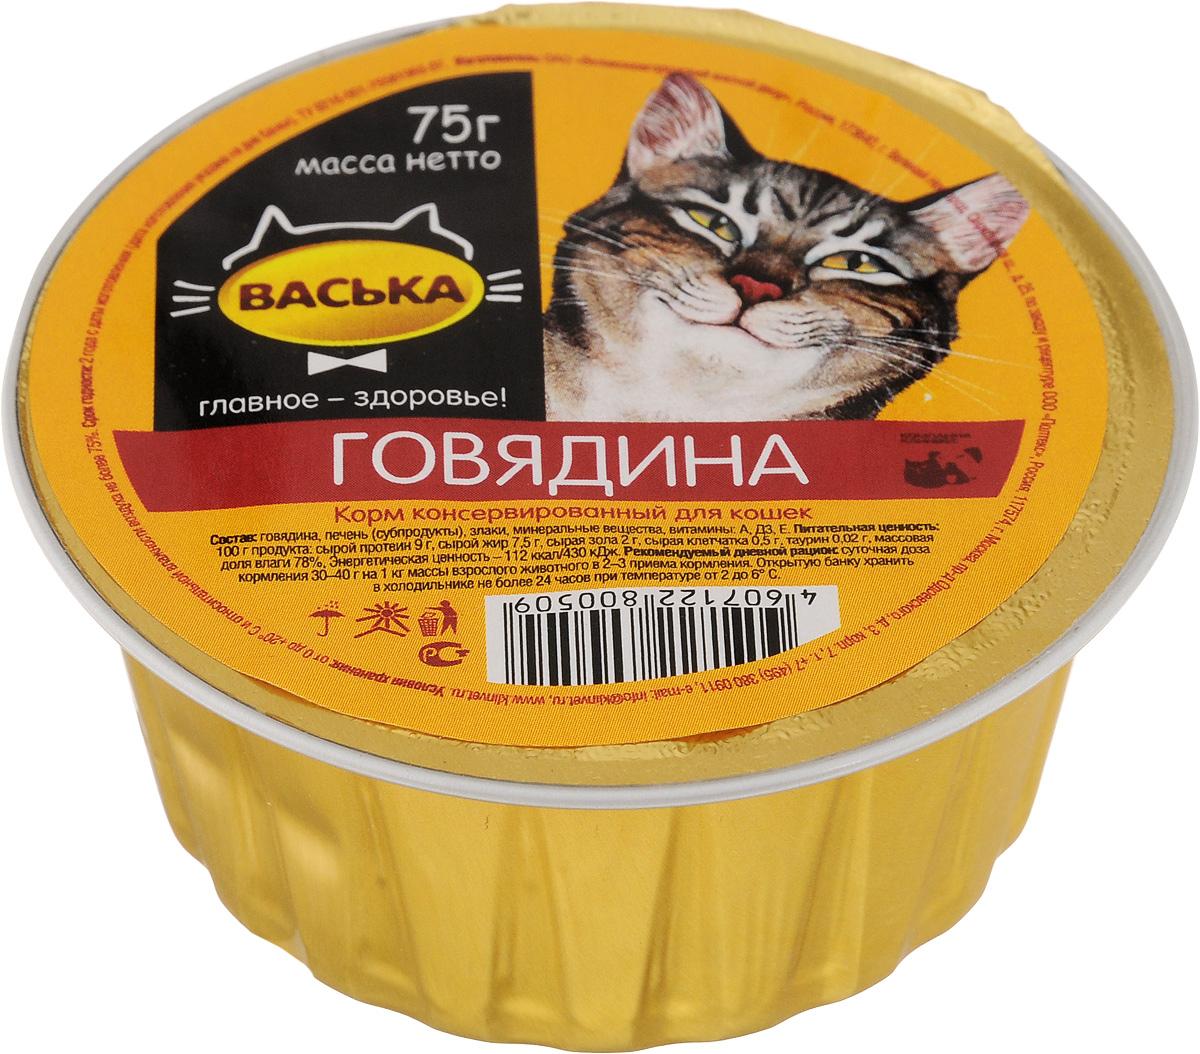 Консервы для кошек Васька, говядина, 75 г0509Консервированный корм Васька - это сбалансированное и полнорационное питание, которое обеспечит вашего питомца необходимыми белками, жирами, витаминами и микроэлементами. Нежный паштет порадует кошек любых возрастов и вкусовых предпочтений. Высокий процент содержания влаги в продукте является отличной профилактикой возникновения мочекаменной болезни. Говядина - естественный источник белков и жиров, которые легко усваиваются в организме животного и не нагружают обмен веществ и пищеварение. В корме также содержатся калий, цинк, легко усваиваемые формы железа, биофлавоноиды и витамины группы В. Корм абсолютно натуральный, не содержит ГМО, ароматизаторов и искусственных красителей. Удобная одноразовая упаковка сохраняет корм свежим и позволяет контролировать порцию потребления.Товар сертифицирован.